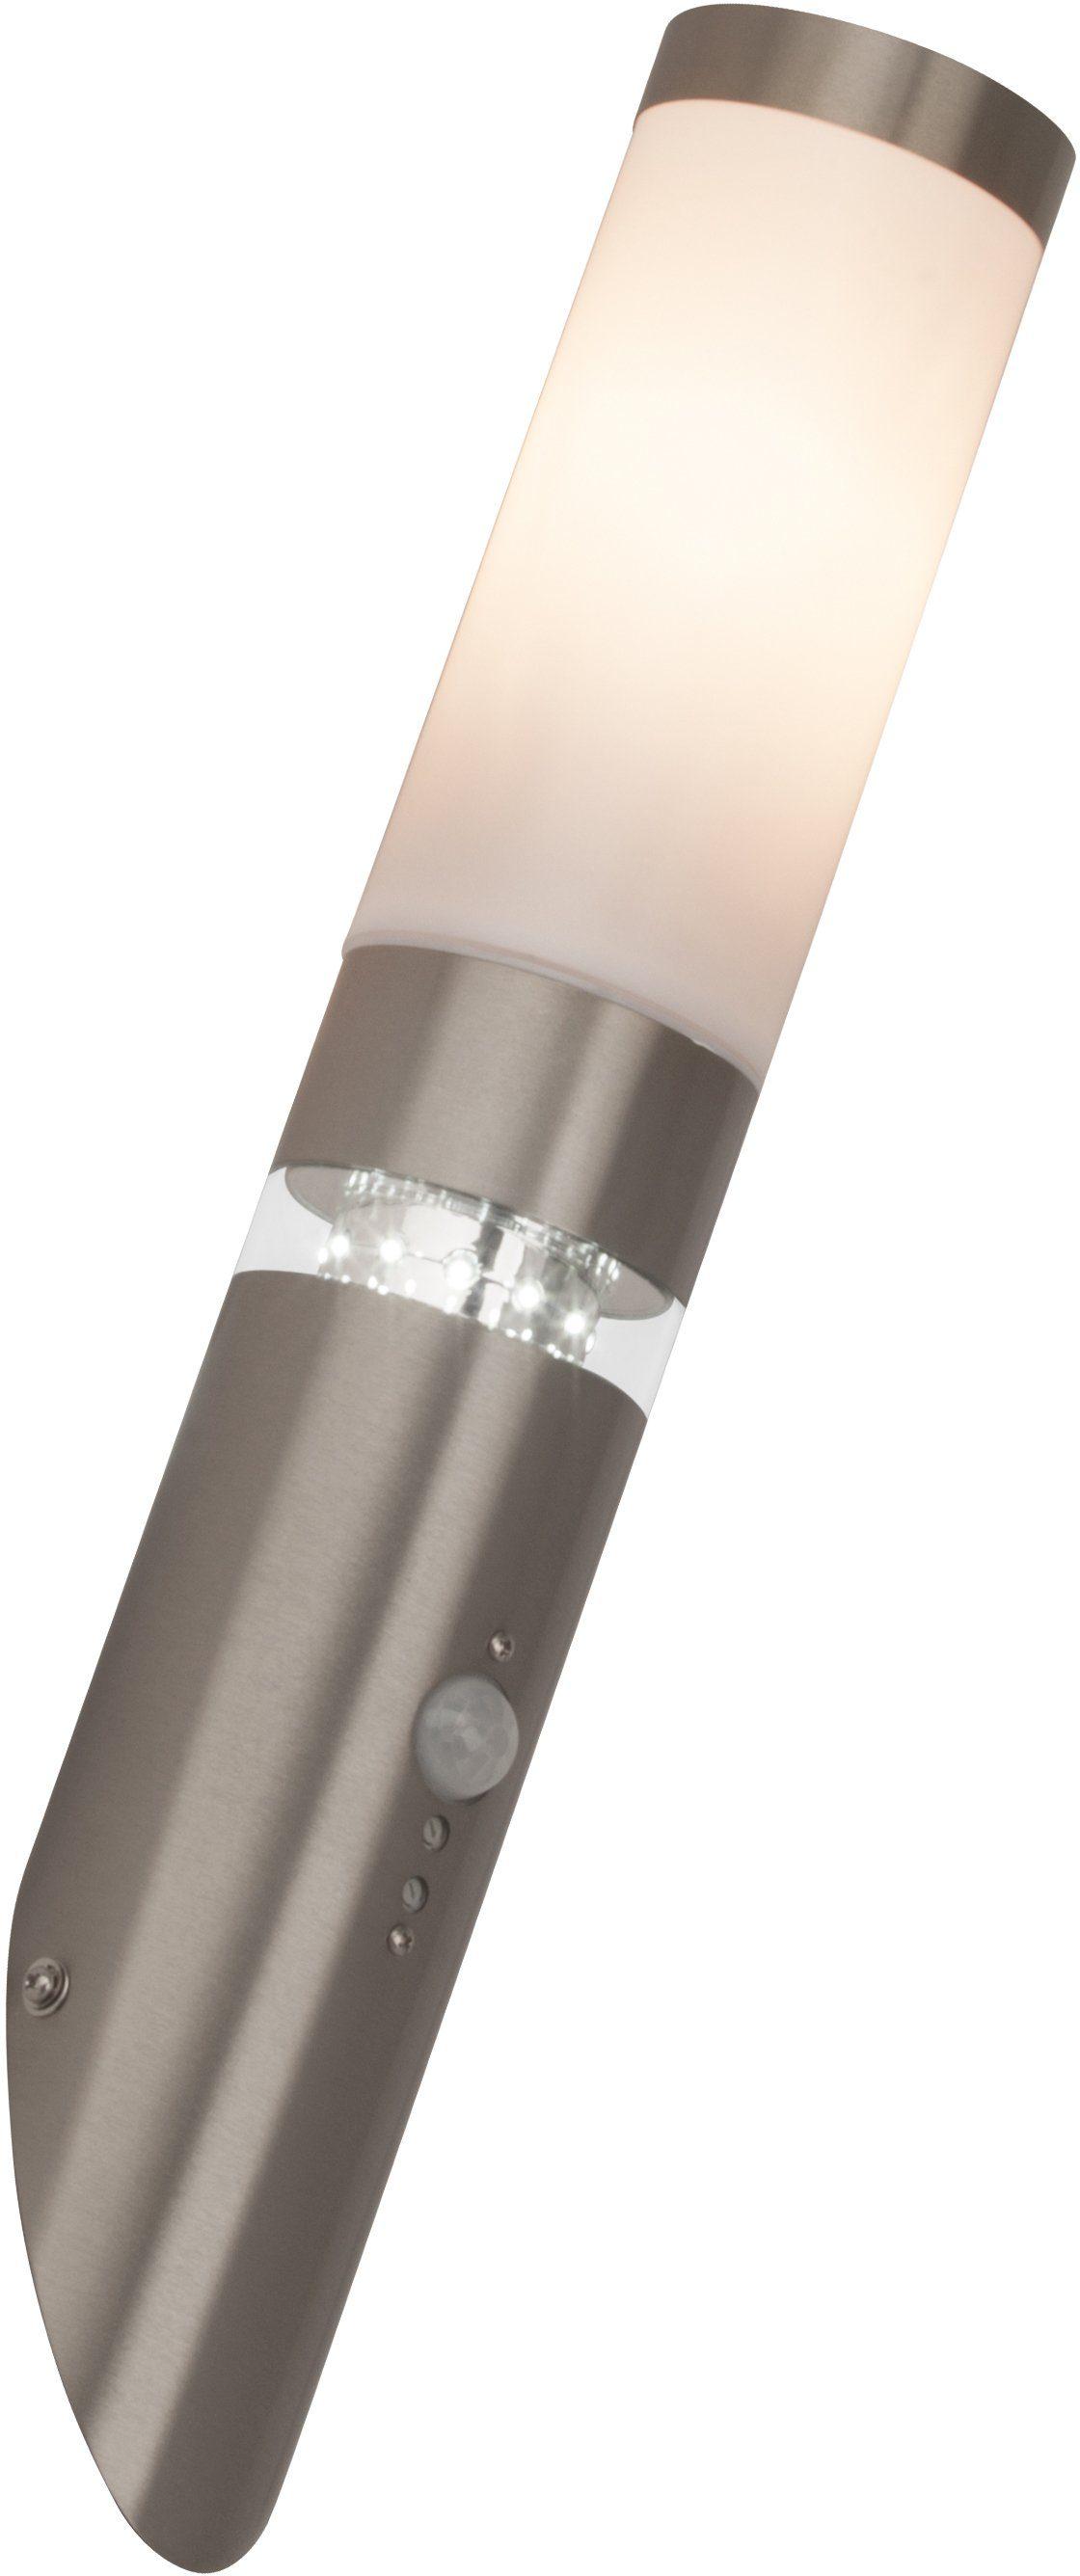 Brilliant Leuchten LED Außen-Wandleuchte »BOLE«, 1-flammig, Erfassungswinkel 120°